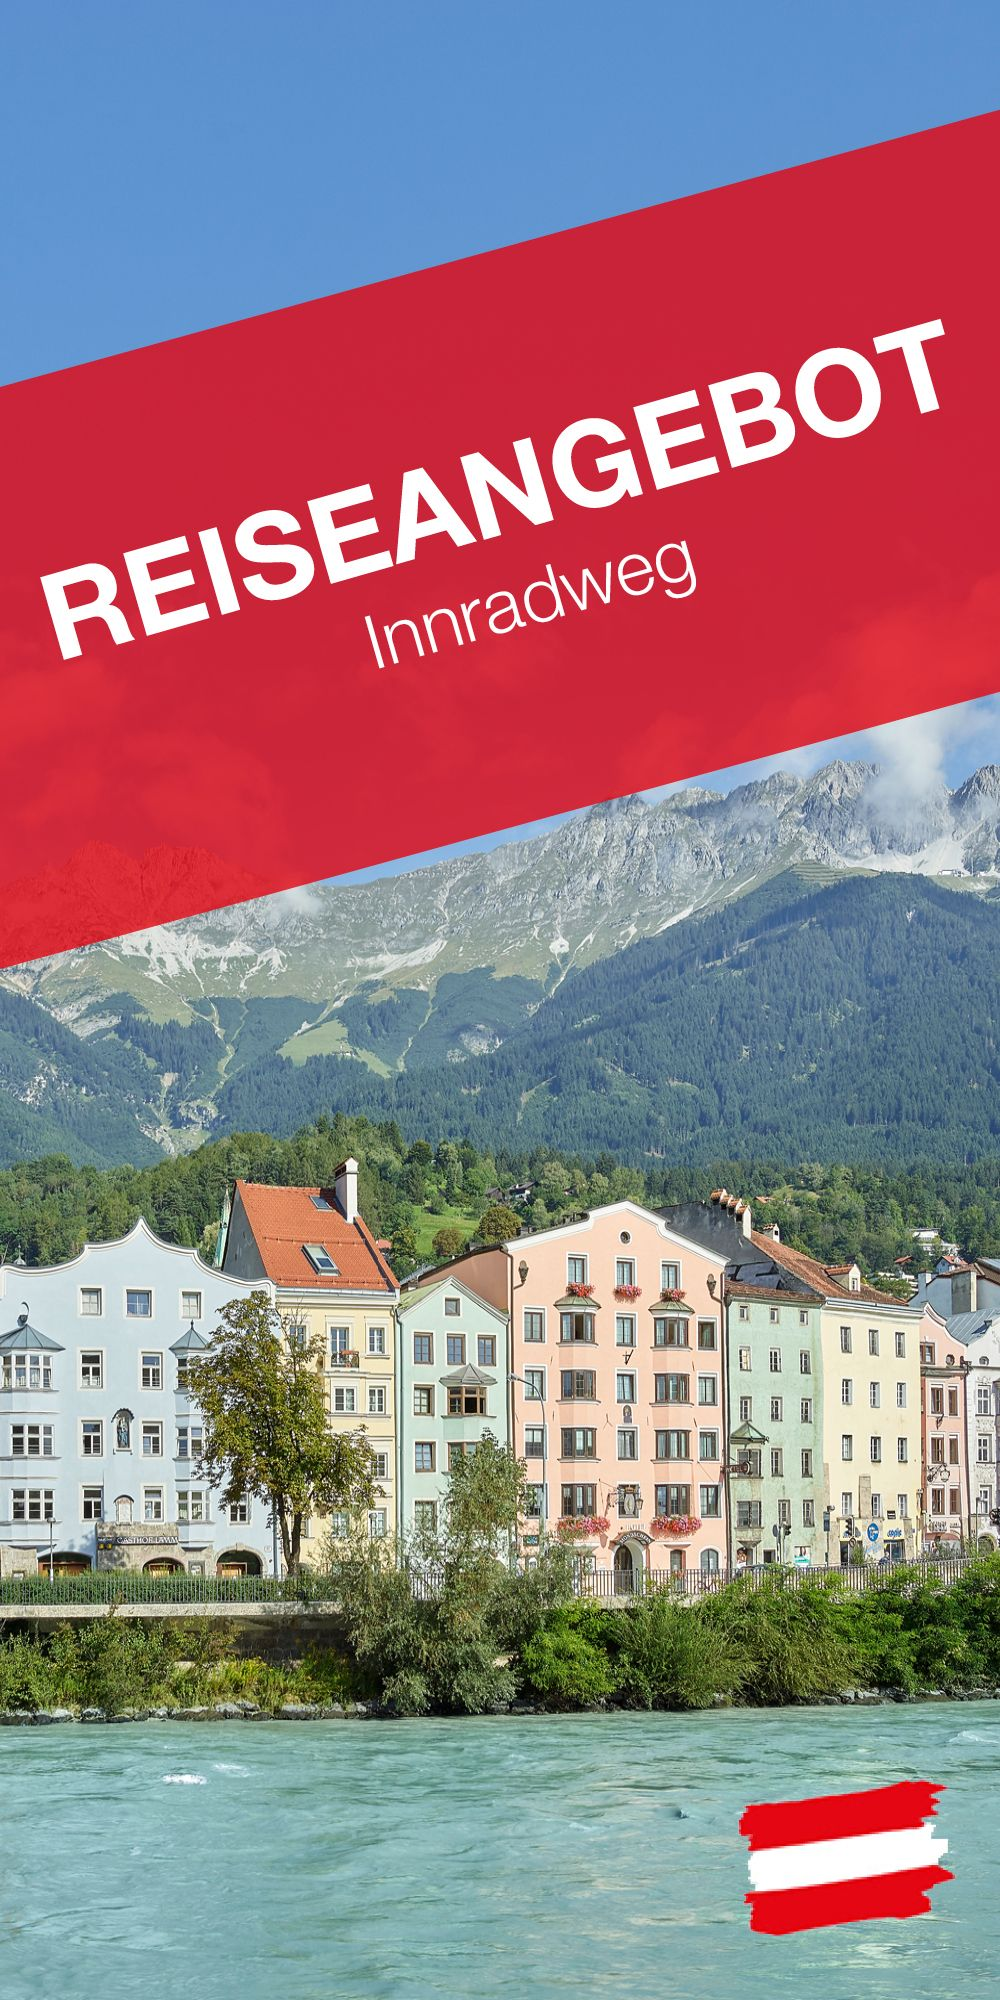 Radfahren Quer Durch Die Alpen Am Innradweg In Osterreich With